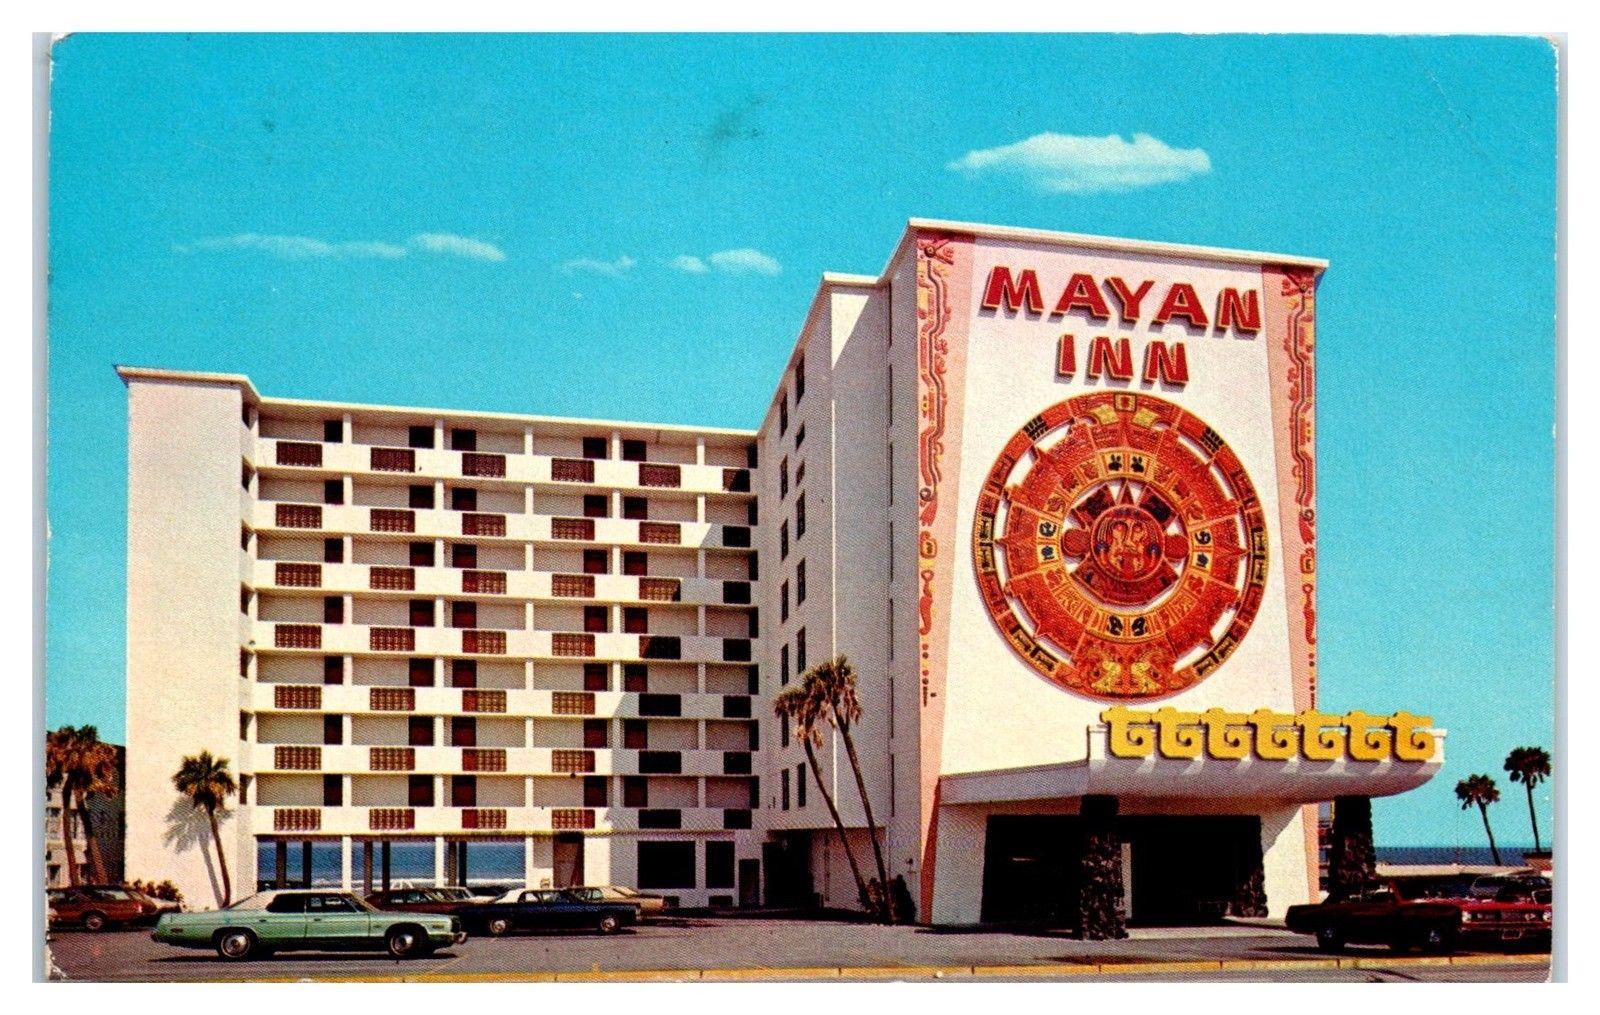 Mayan Inn Daytona Beach Fl 32118